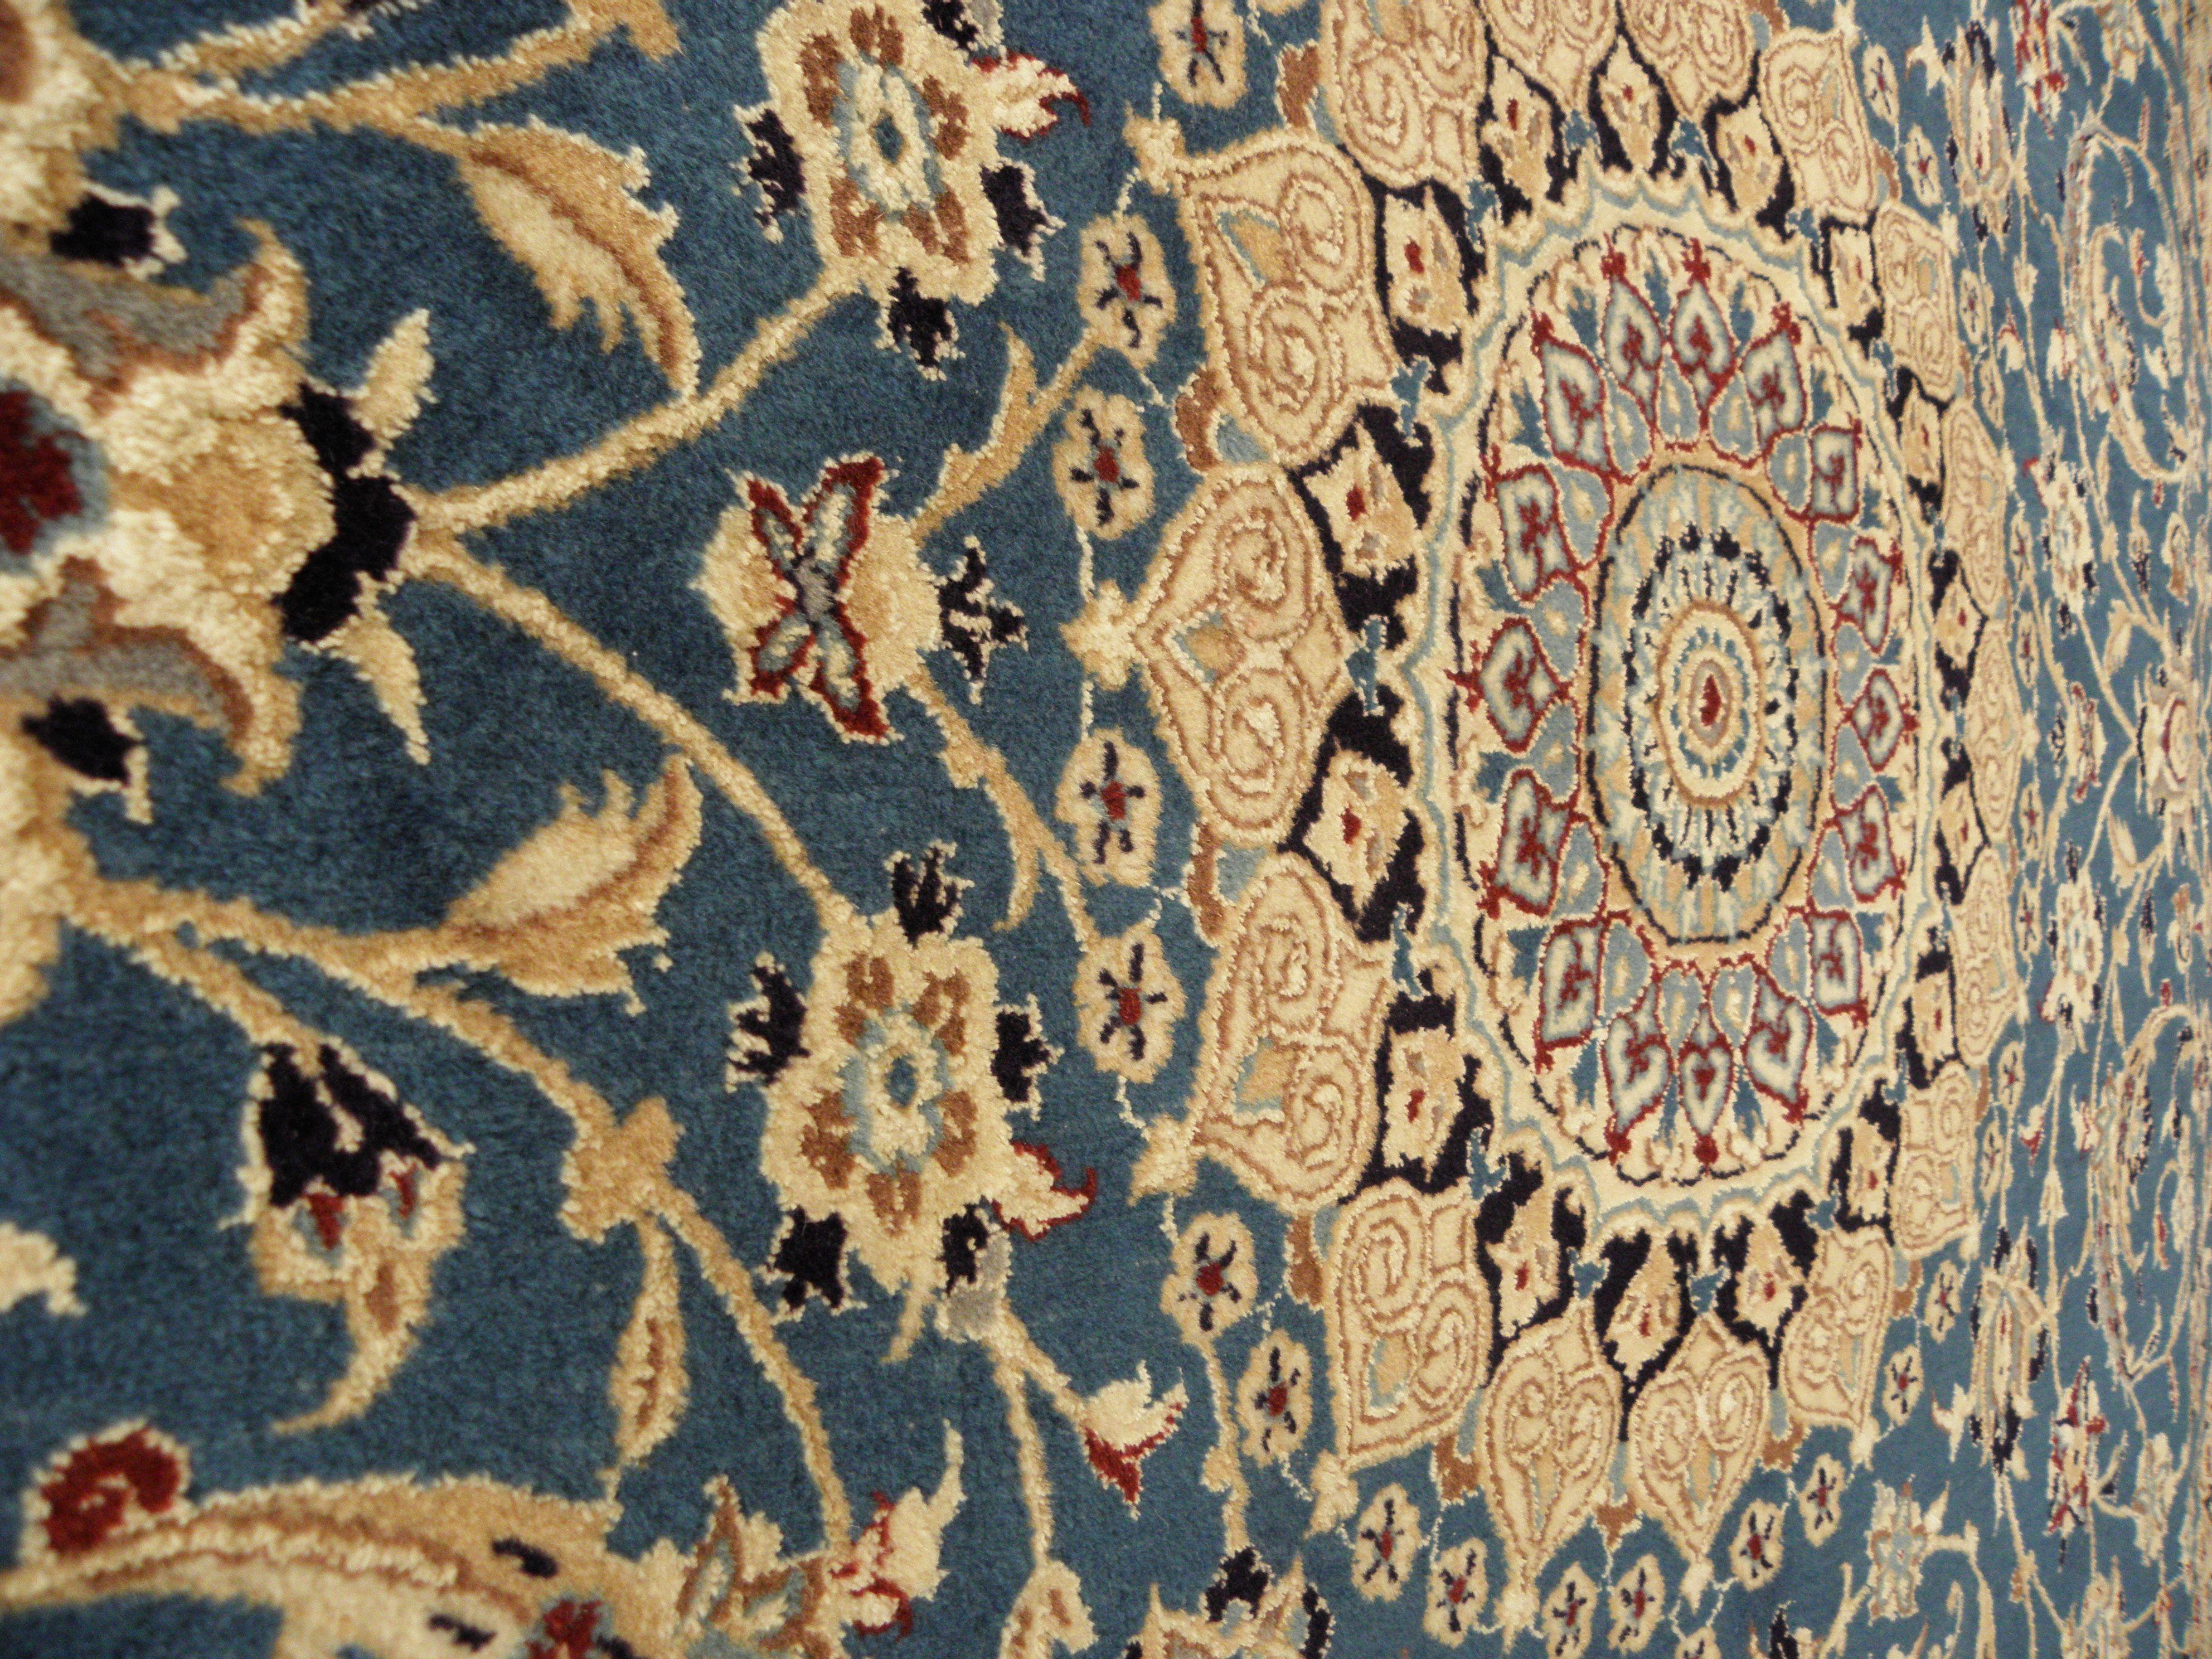 Tappeto Nain extra fine persiano 9La* annodato a mano. Ordito in cotone, pelo in lana e seta.